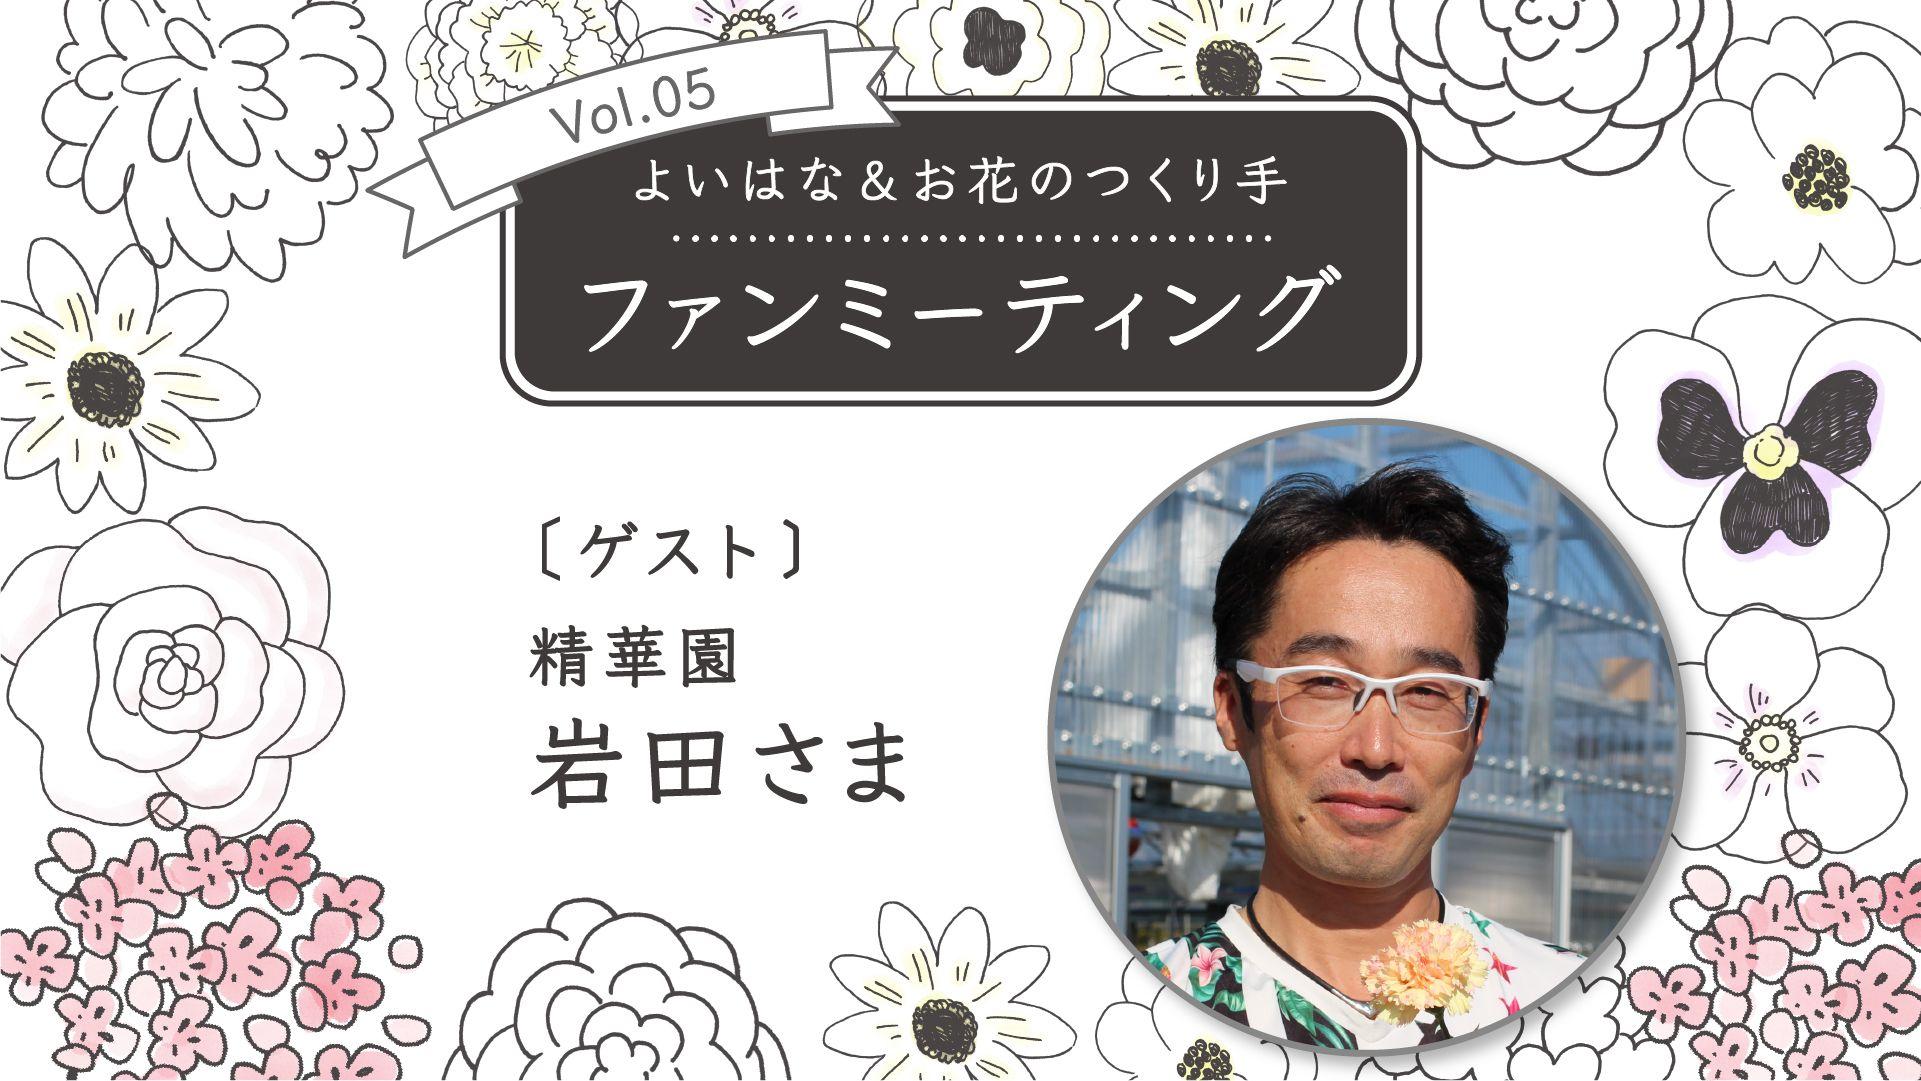 カーネーションの生産地、精華園から生中継!お花のつくり手ファンミーティング vo.5